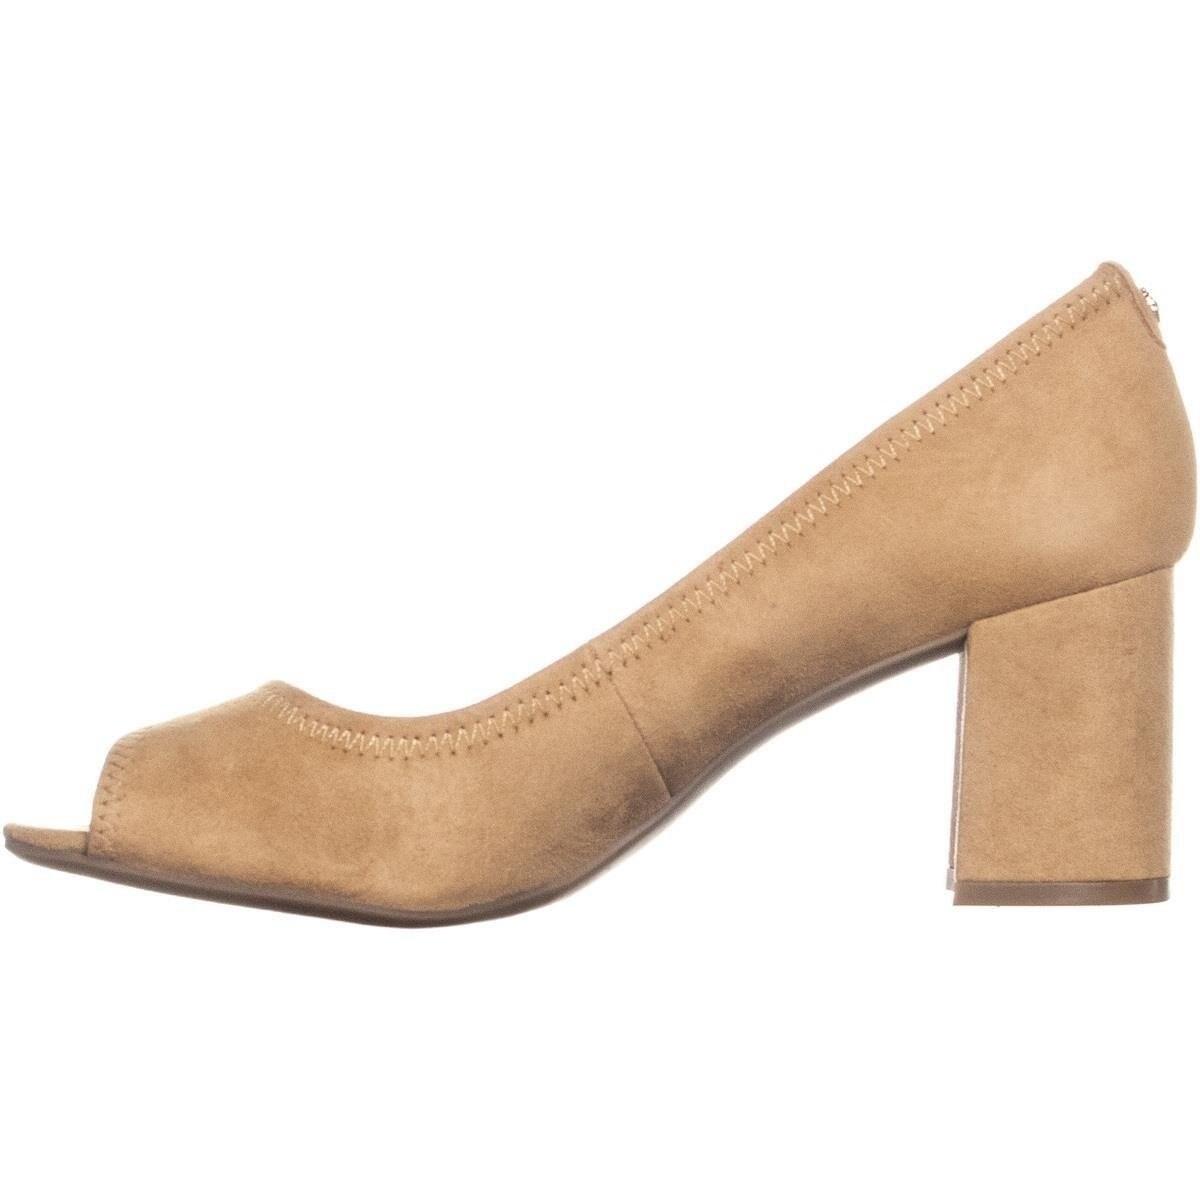 3ad3e597d62b Anne Klein Shoes